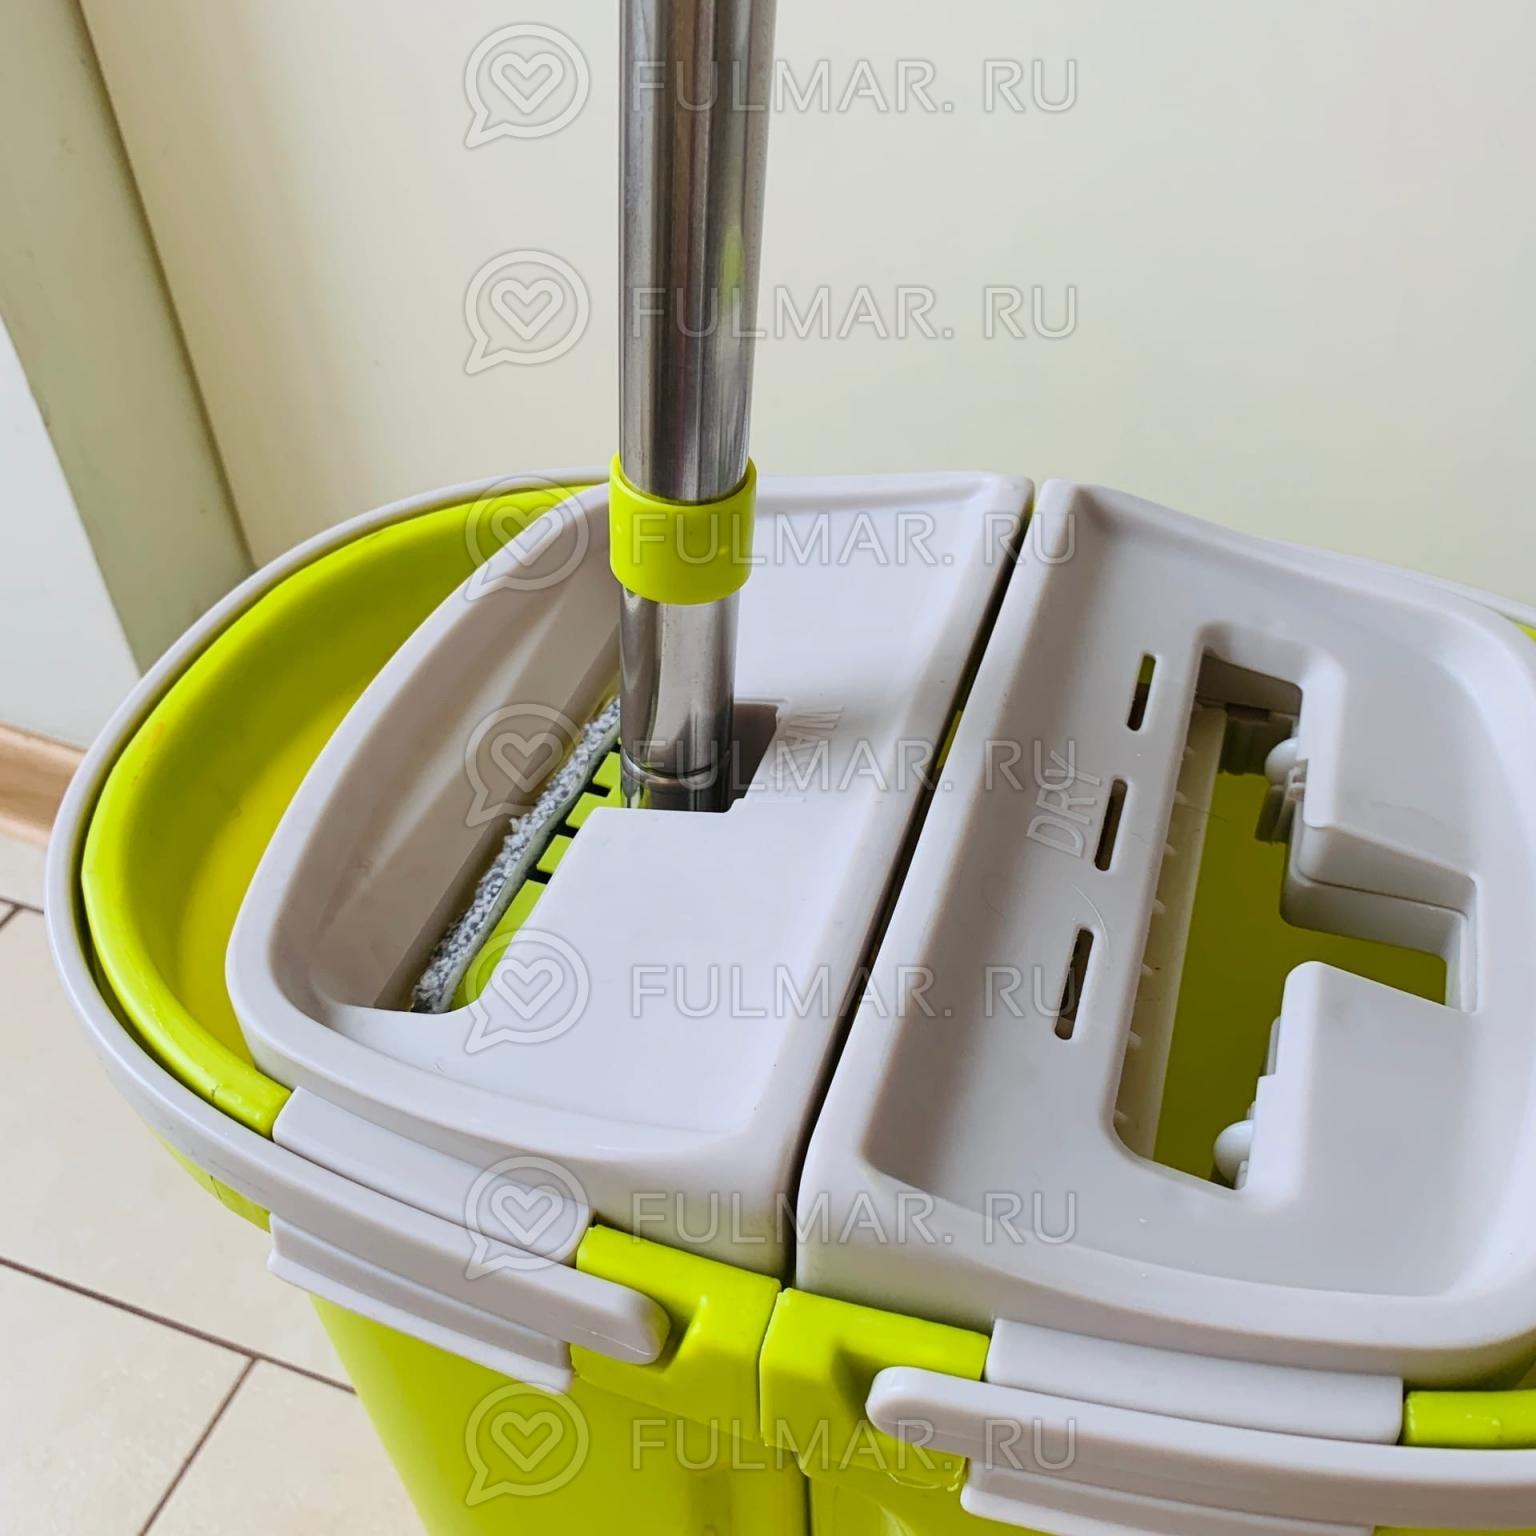 Плоская швабра с микрофиброй и Мини Складным ведром для отжима и полоскания цвет: Салатовый